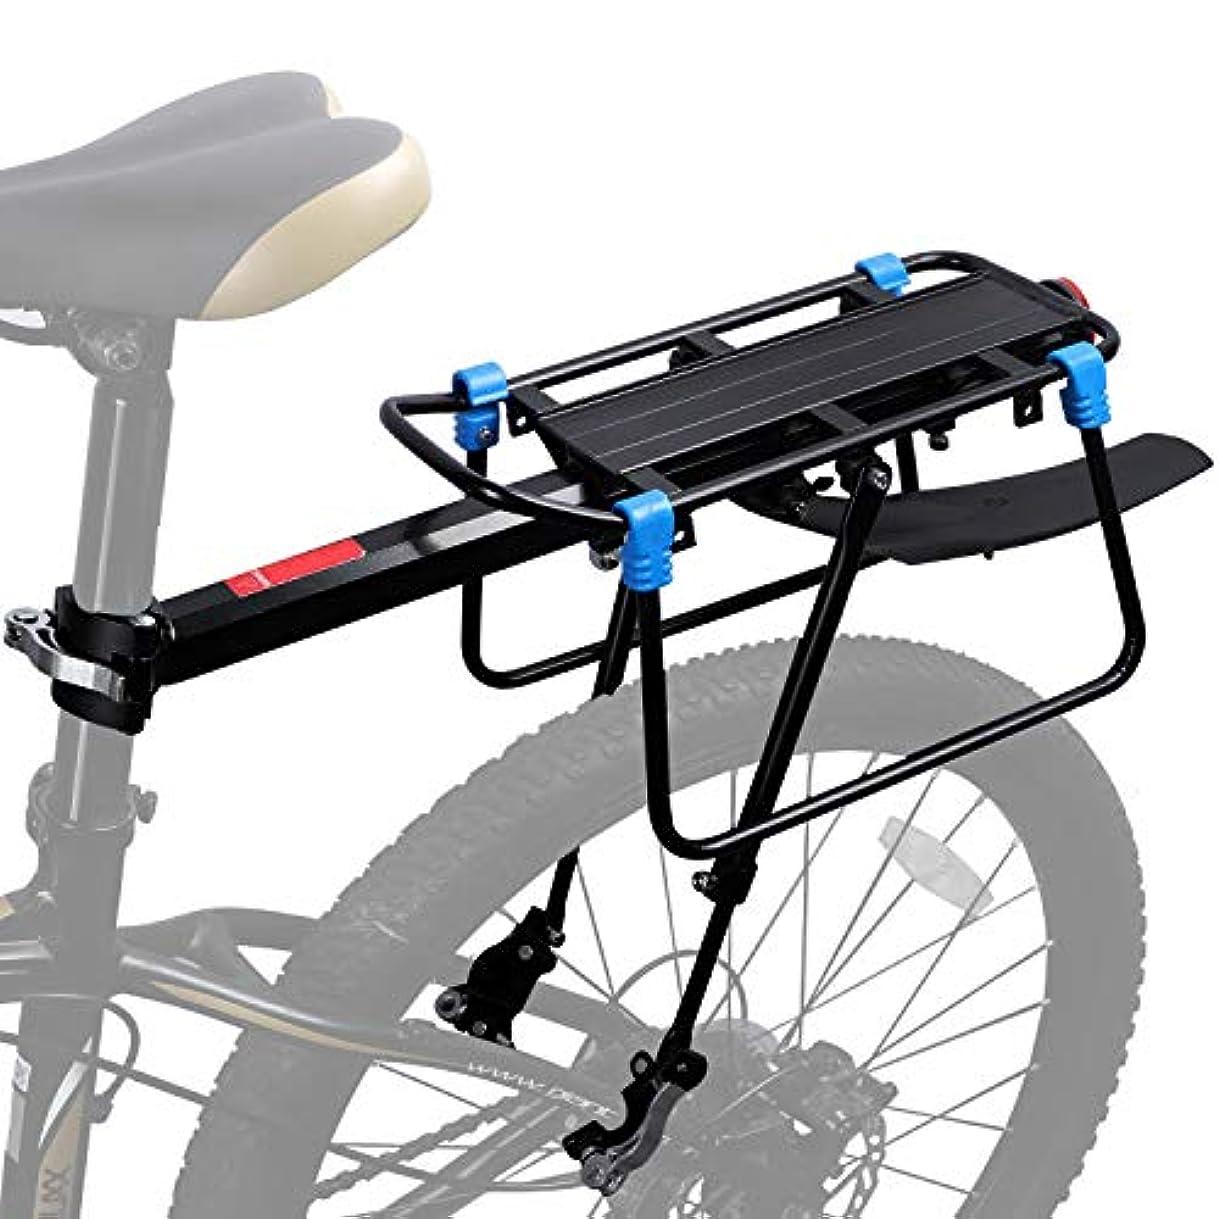 結婚した途方もない小麦ICOCOPRO 自転車 ツーリングキャリア フェンダーブロード付き フレーム取り付け 重みのあるトップとサイドロードバイク用カーゴラック クイックリリリース ユニバーサル 調節可能 サイクリング用具 バイクアクセサリー